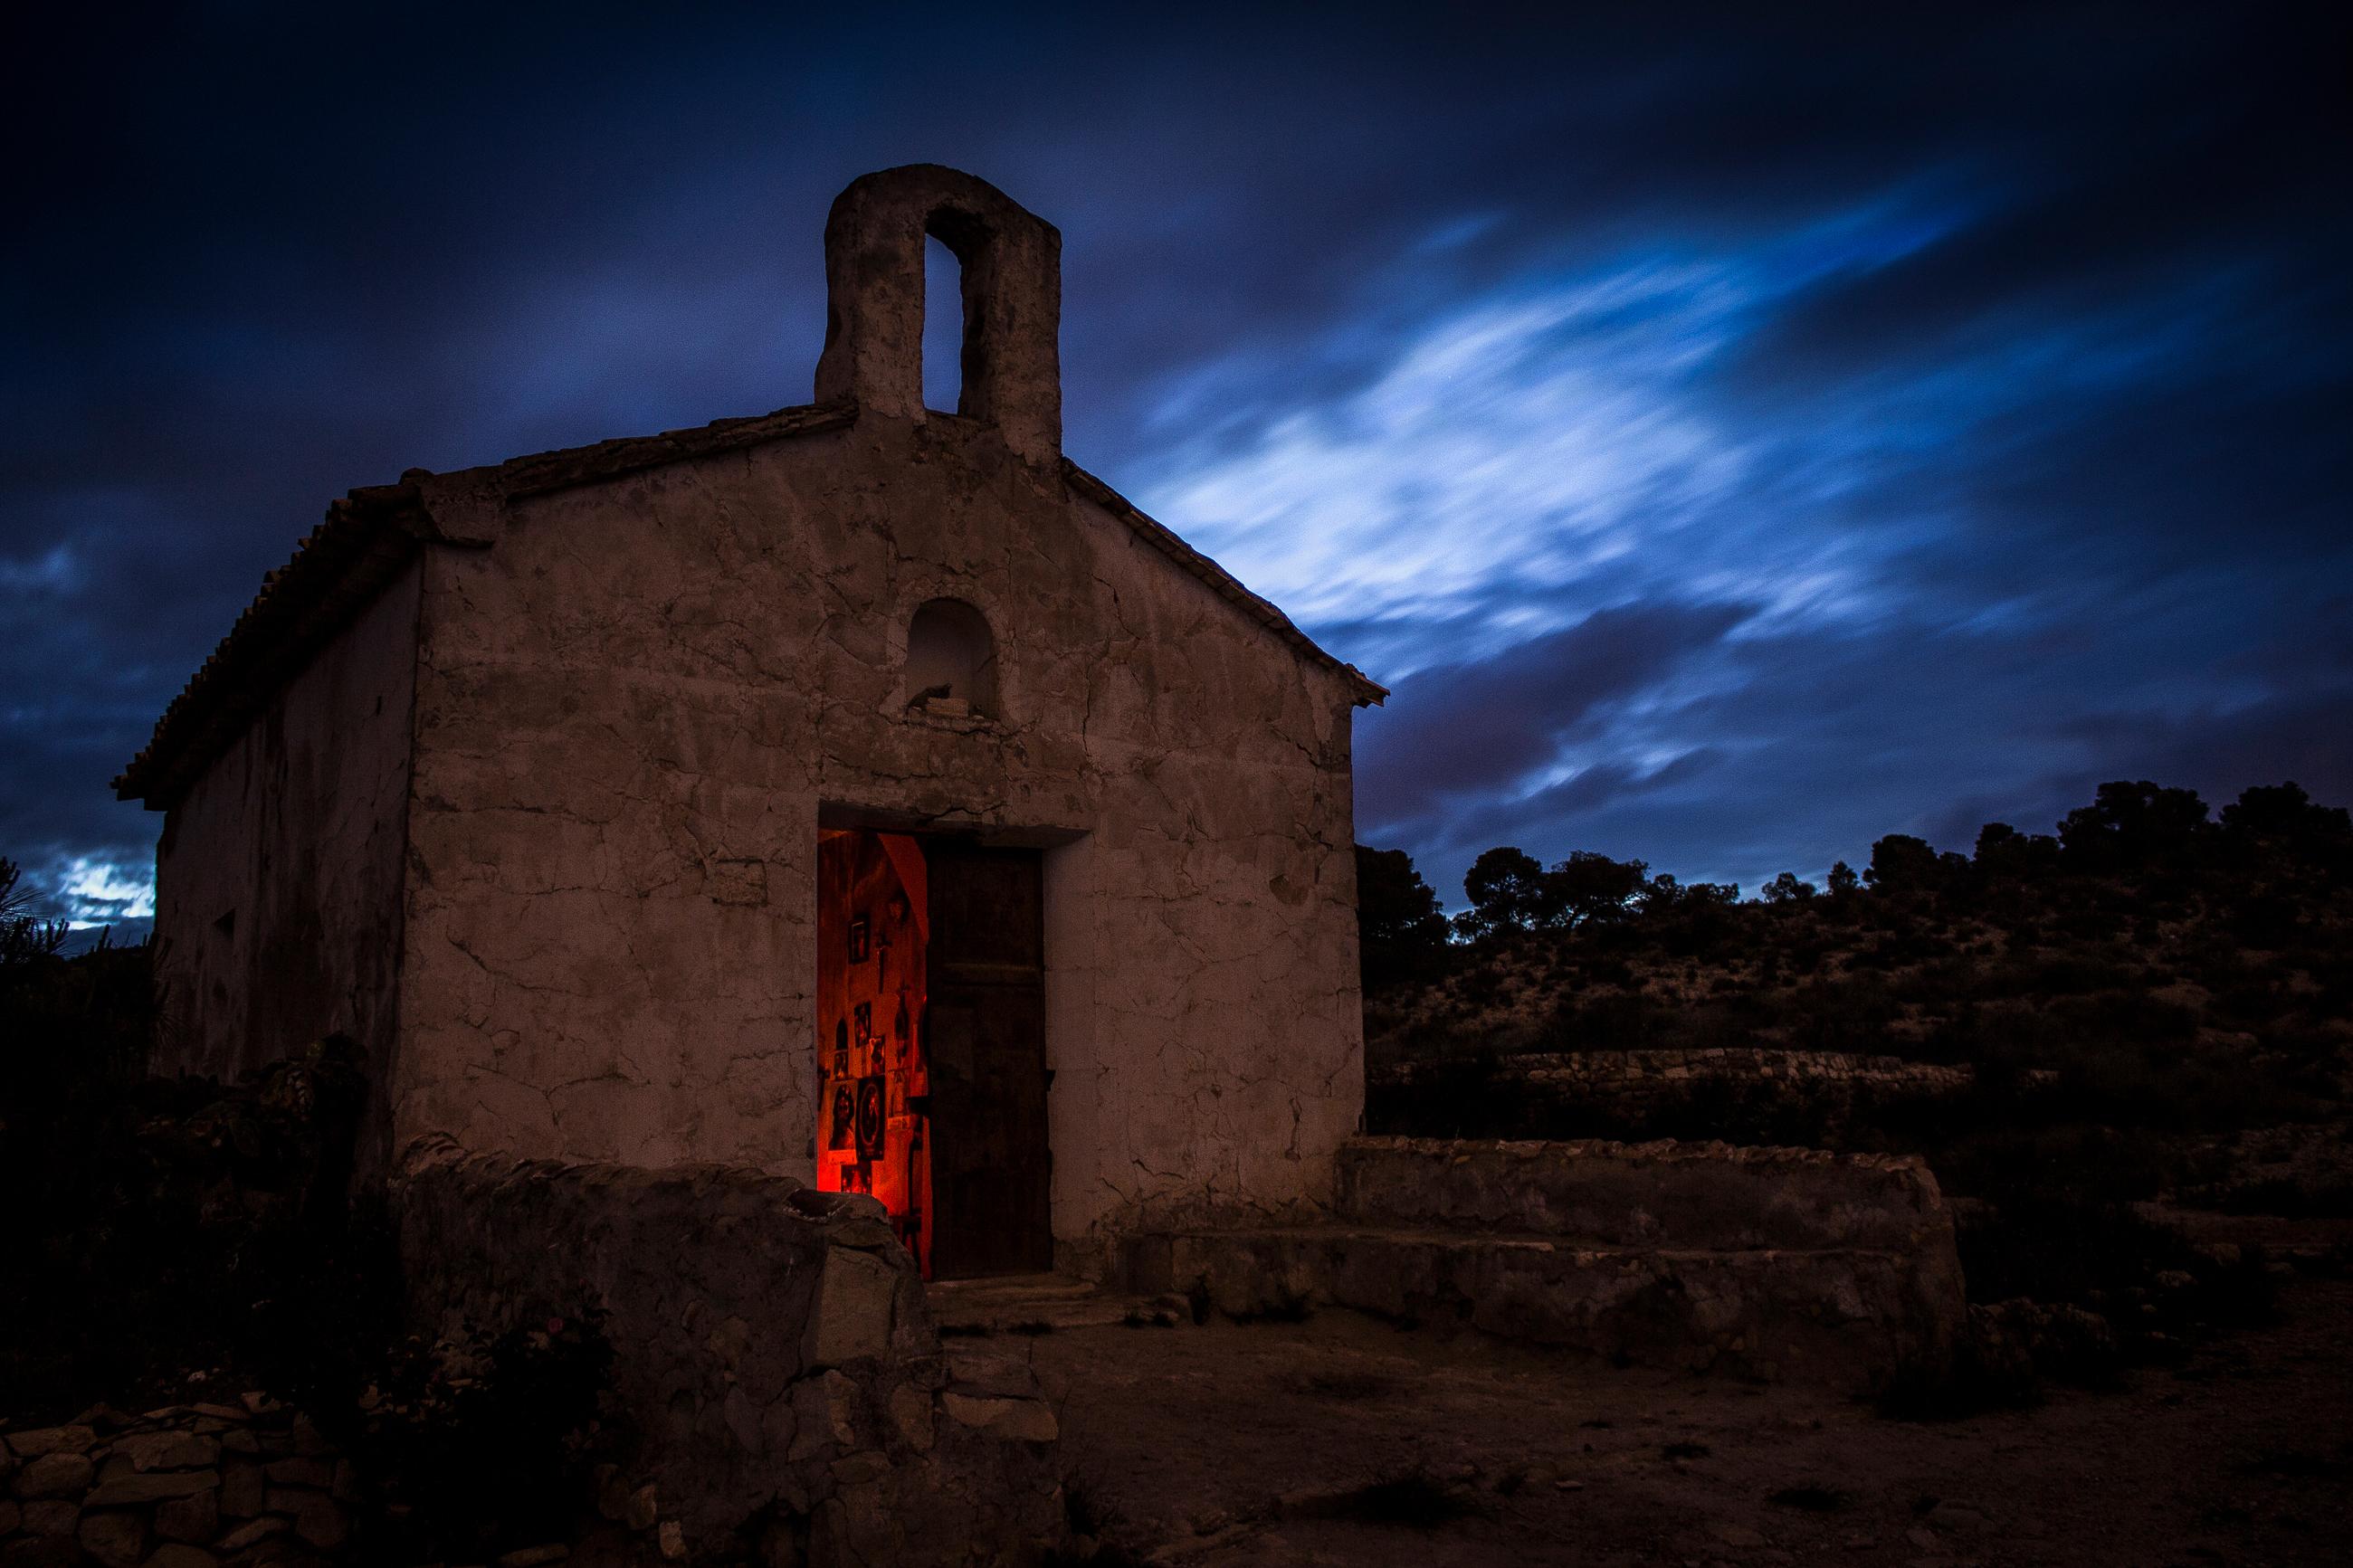 Fotografía nocturna de vieja ermita en ruinas